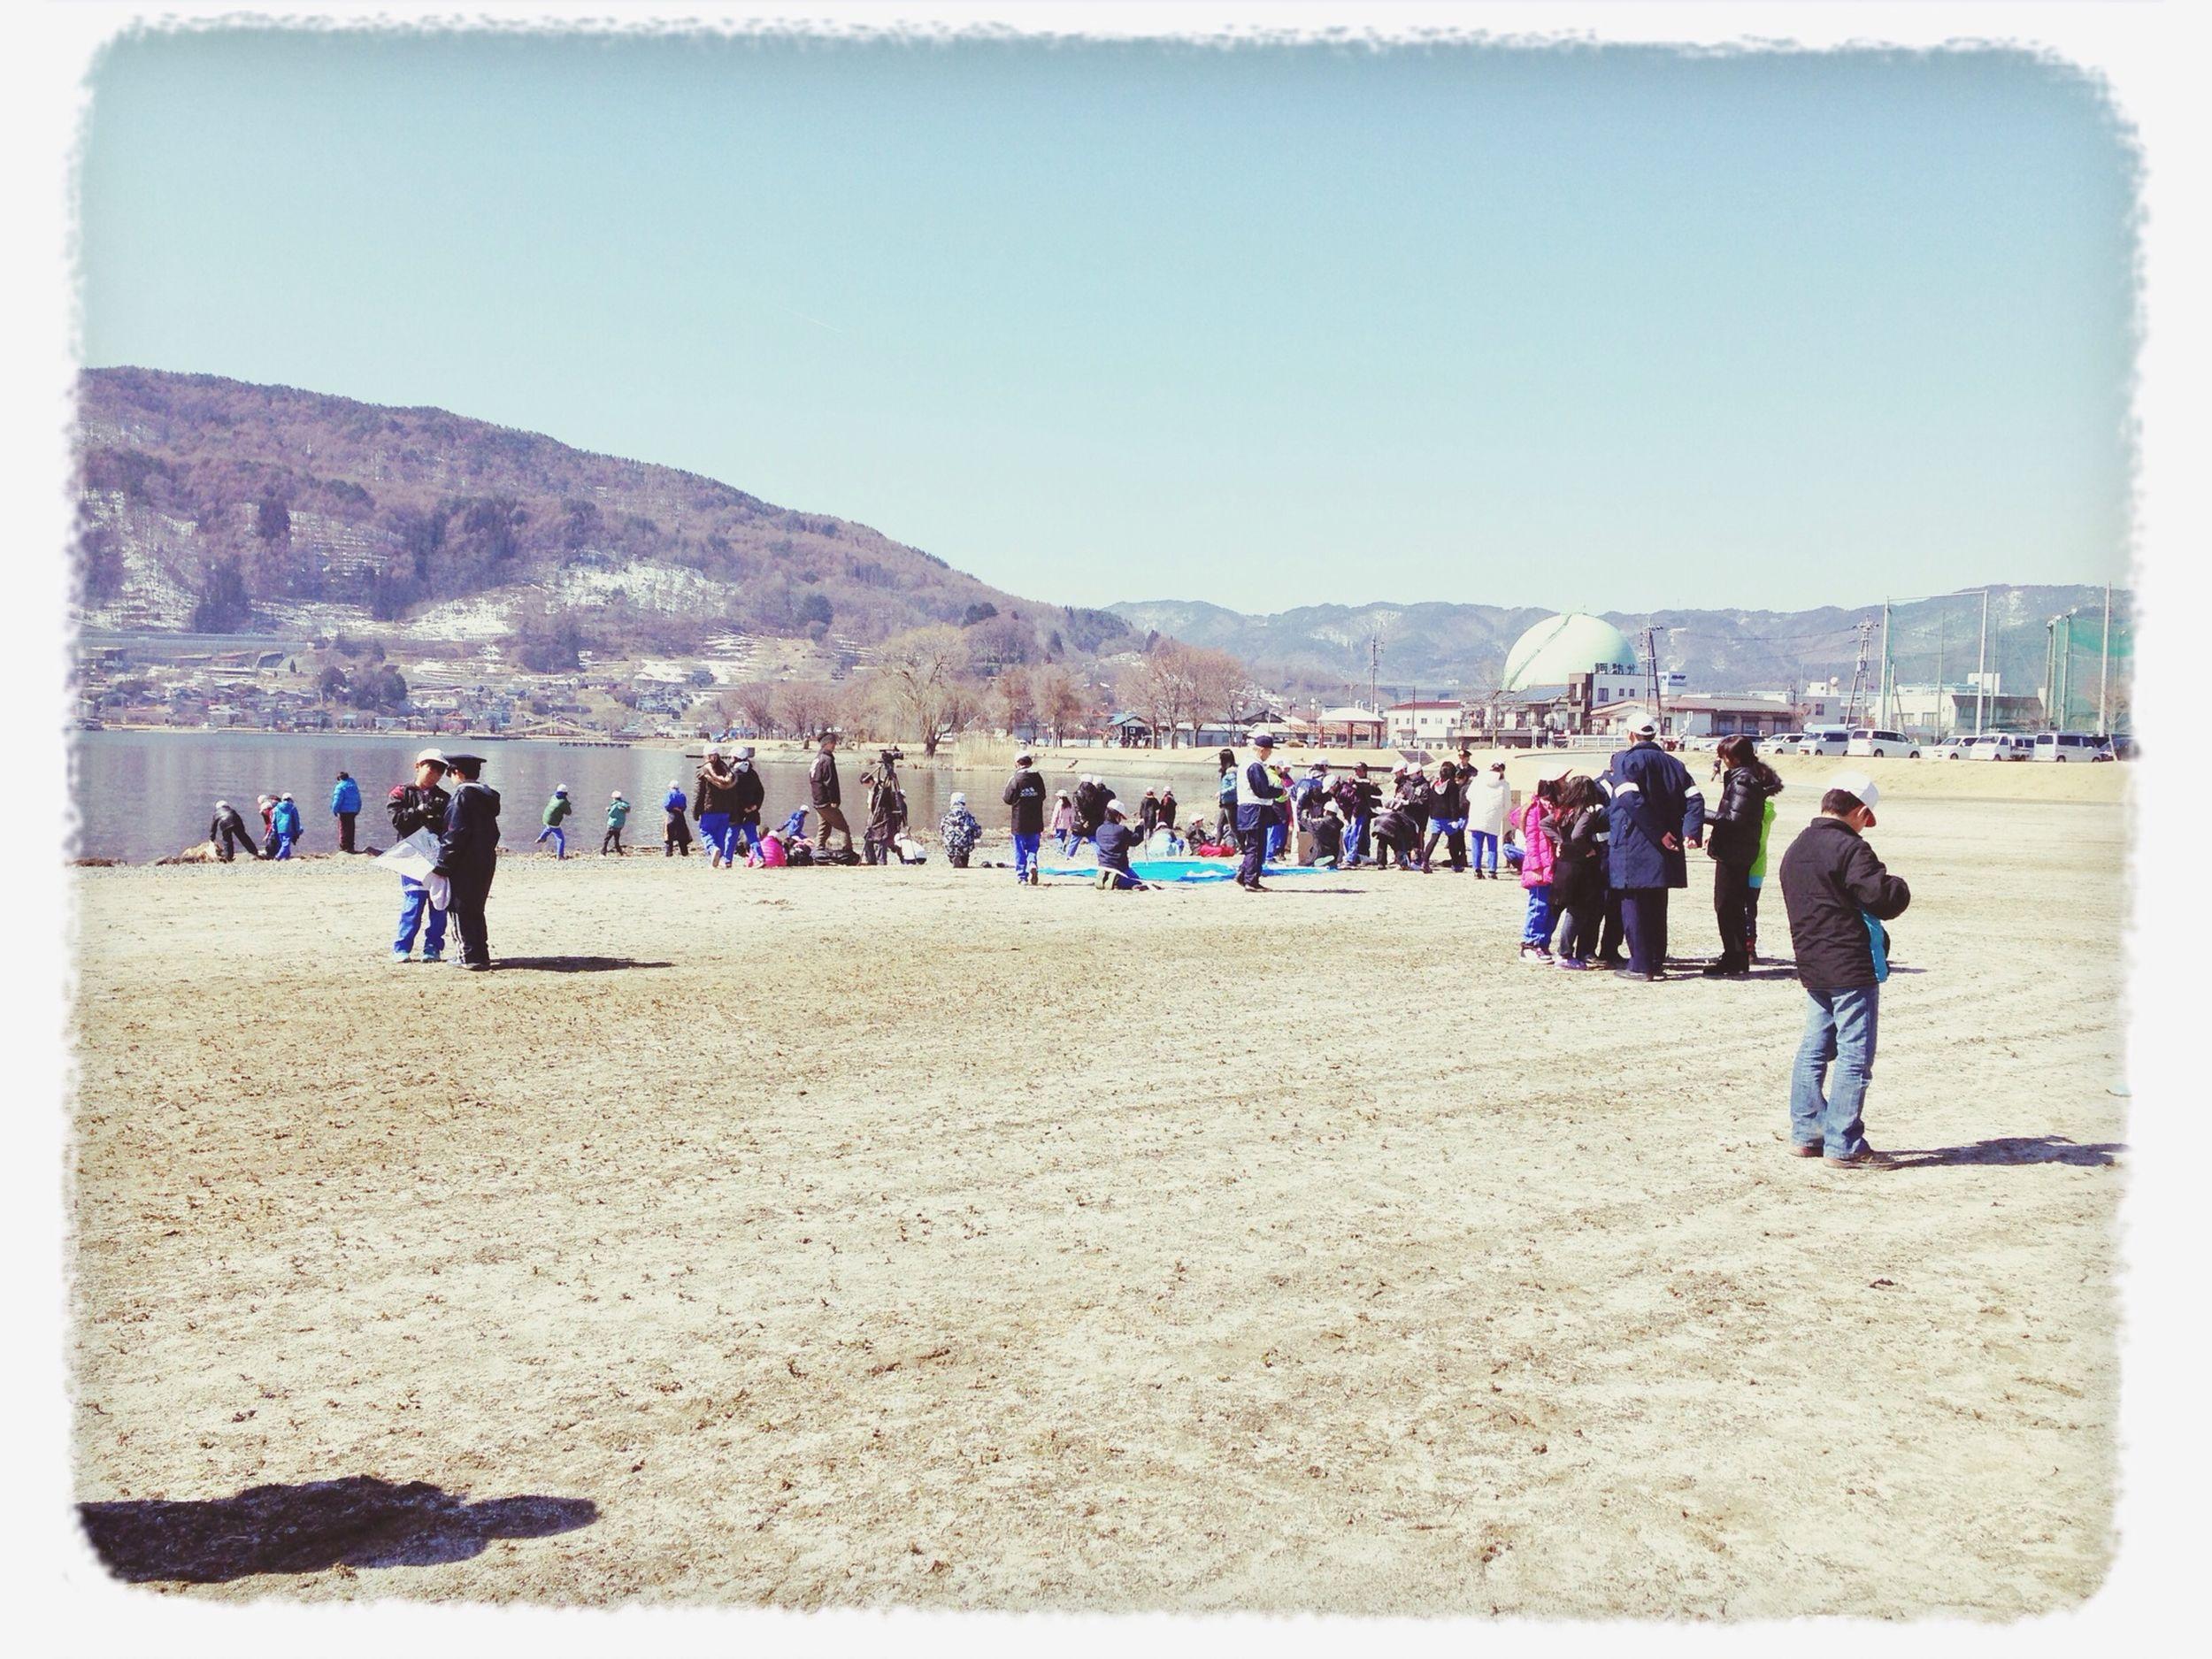 長男の授業で凧揚げ来たけど、風なくて上がらず…。